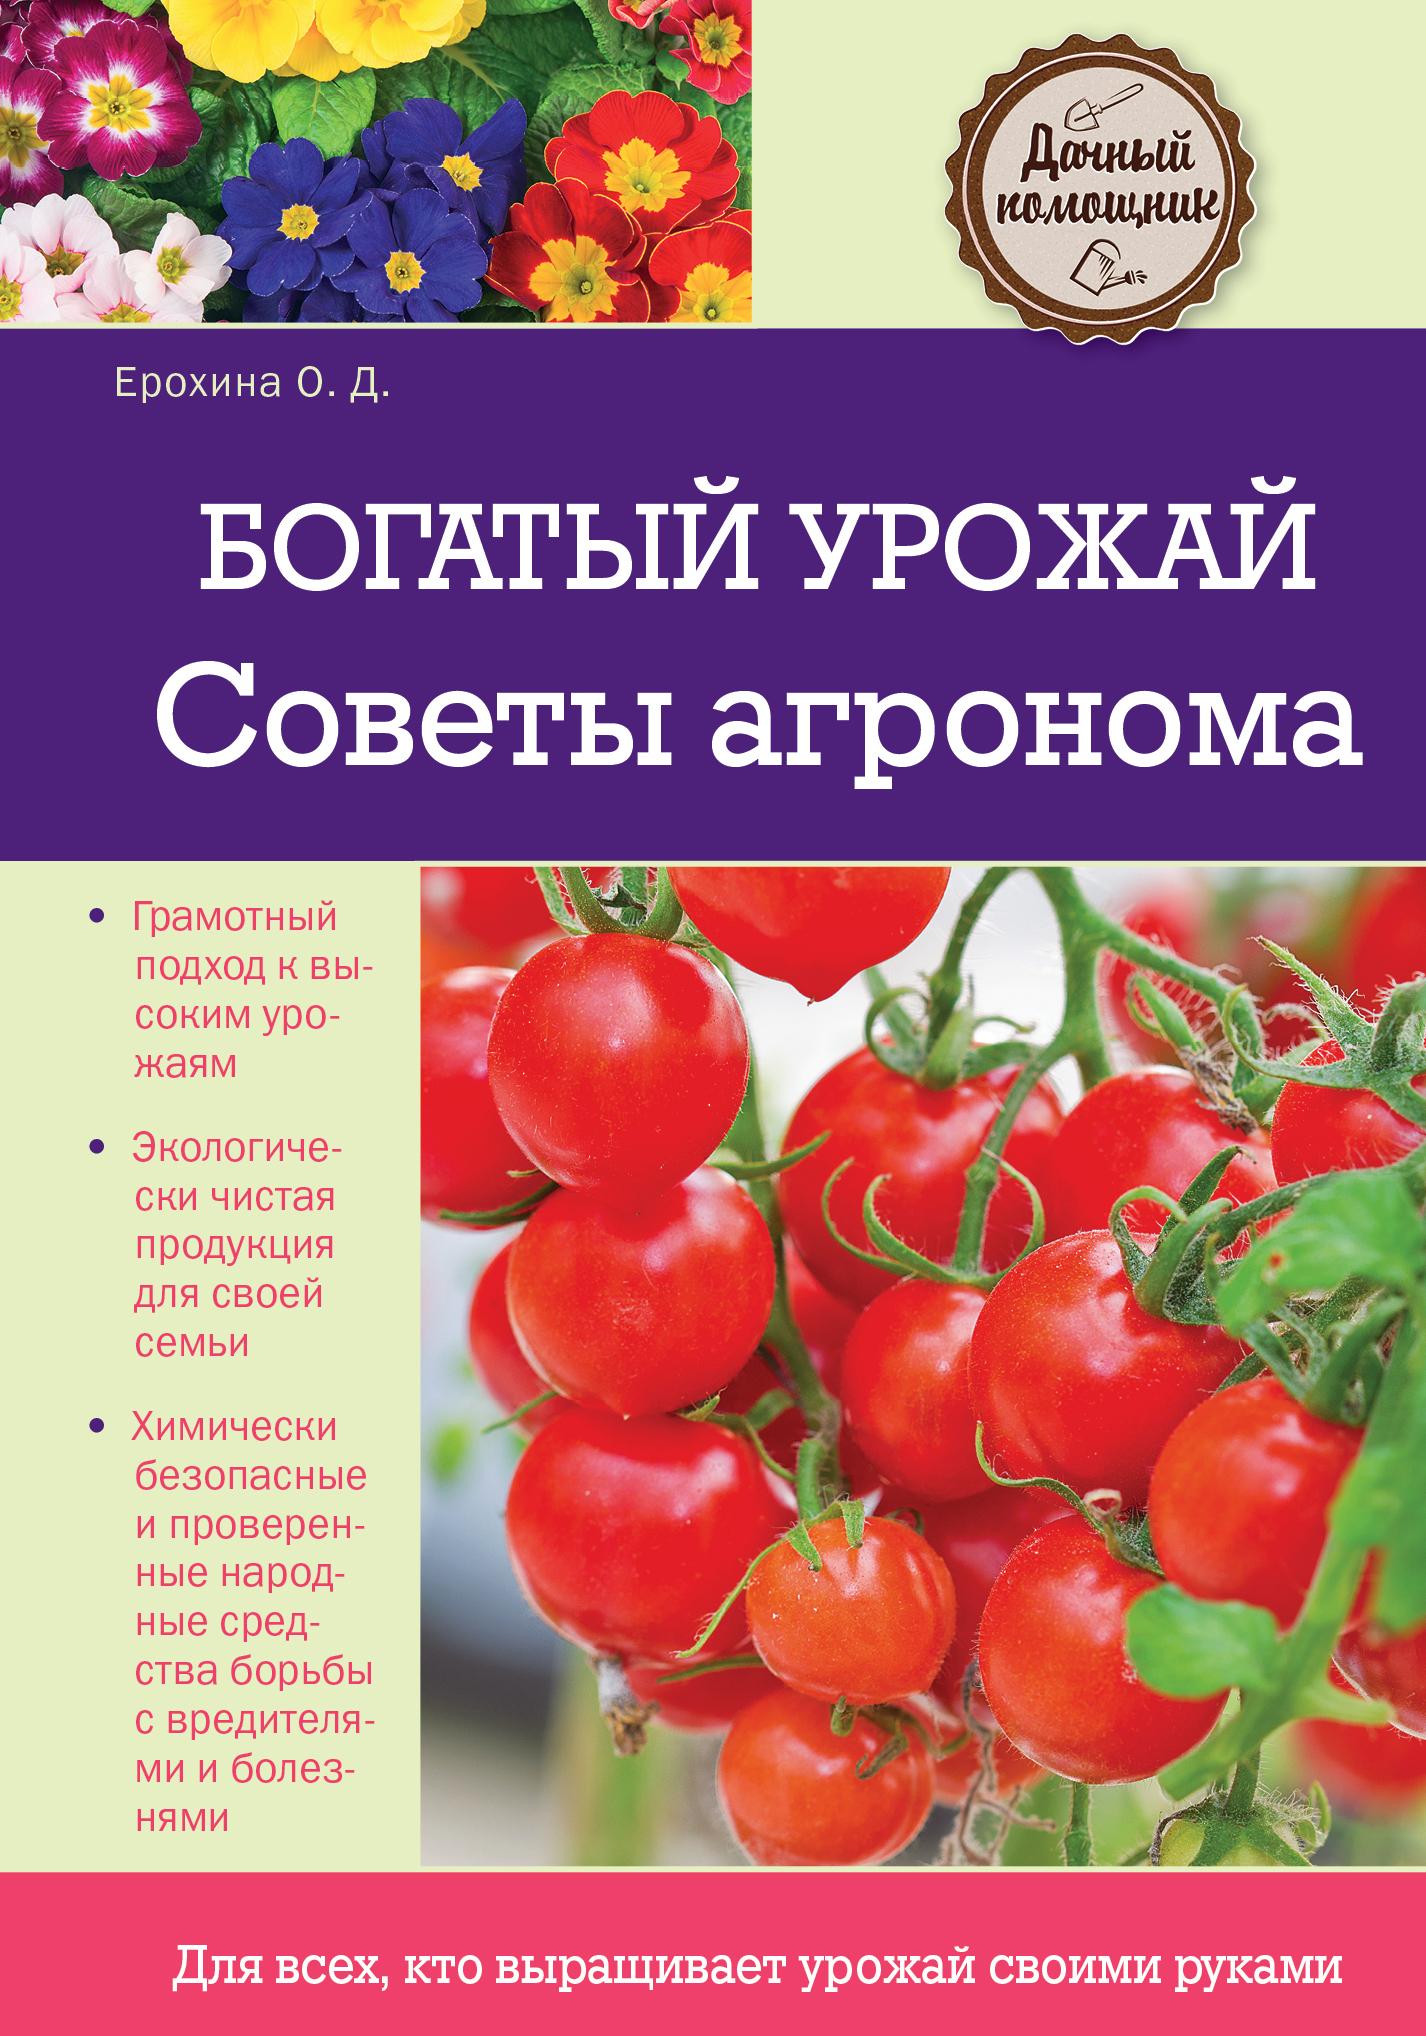 Ерохина О.Д. Богатый урожай. Советы агронома витковский в плодовые растения мира